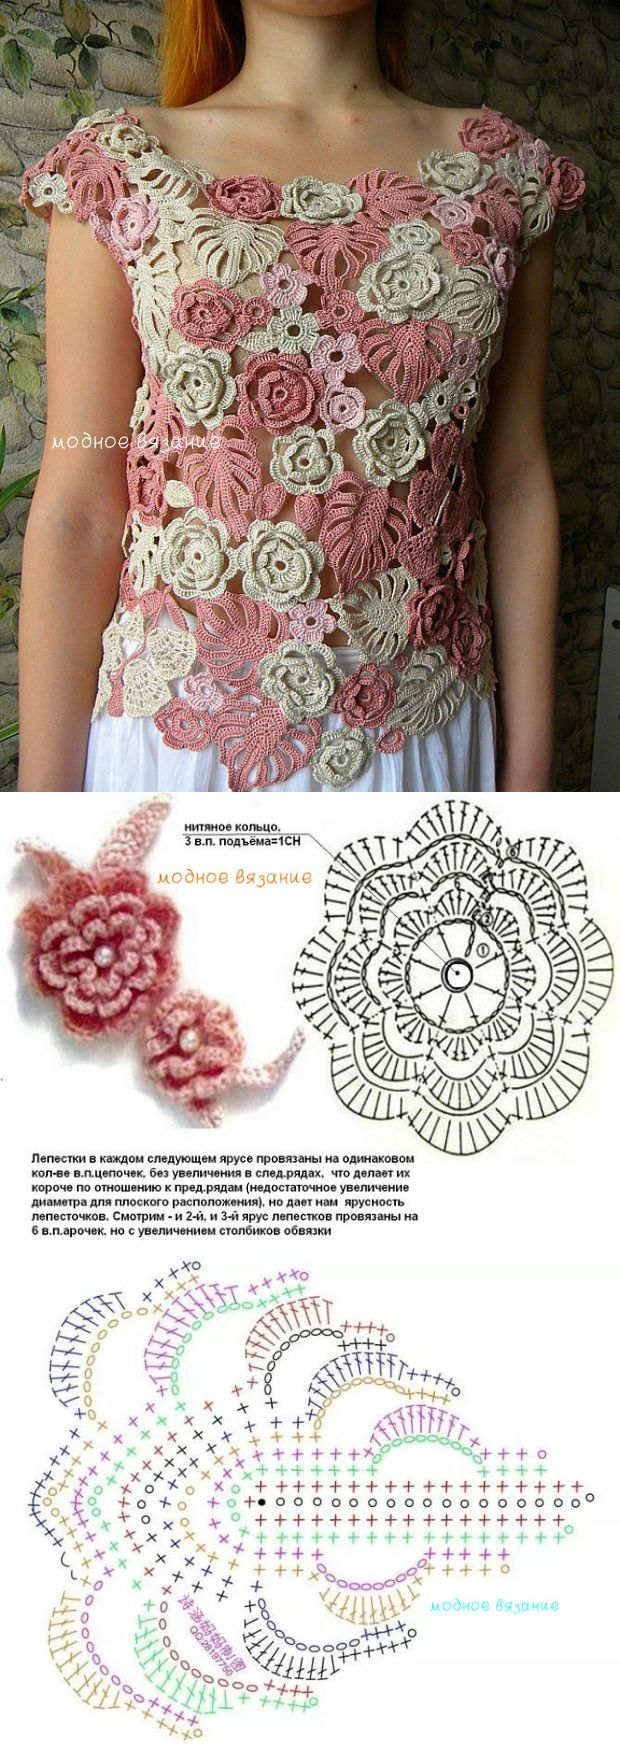 Кофточка *Кремовые розы* - Модное вязание [] #<br/> # #Crochet #Tops,<br/> # #Crochet #Lace,<br/> # #Freeform #Crochet,<br/> # #Crochet #Summer,<br/> # #Irish #Crochet #Patterns,<br/> # #Crochet #Ideas,<br/> # #Crochet #Clothes,<br/> # #Crochet #Dresses,<br/> # #Sewing #Clothes<br/>